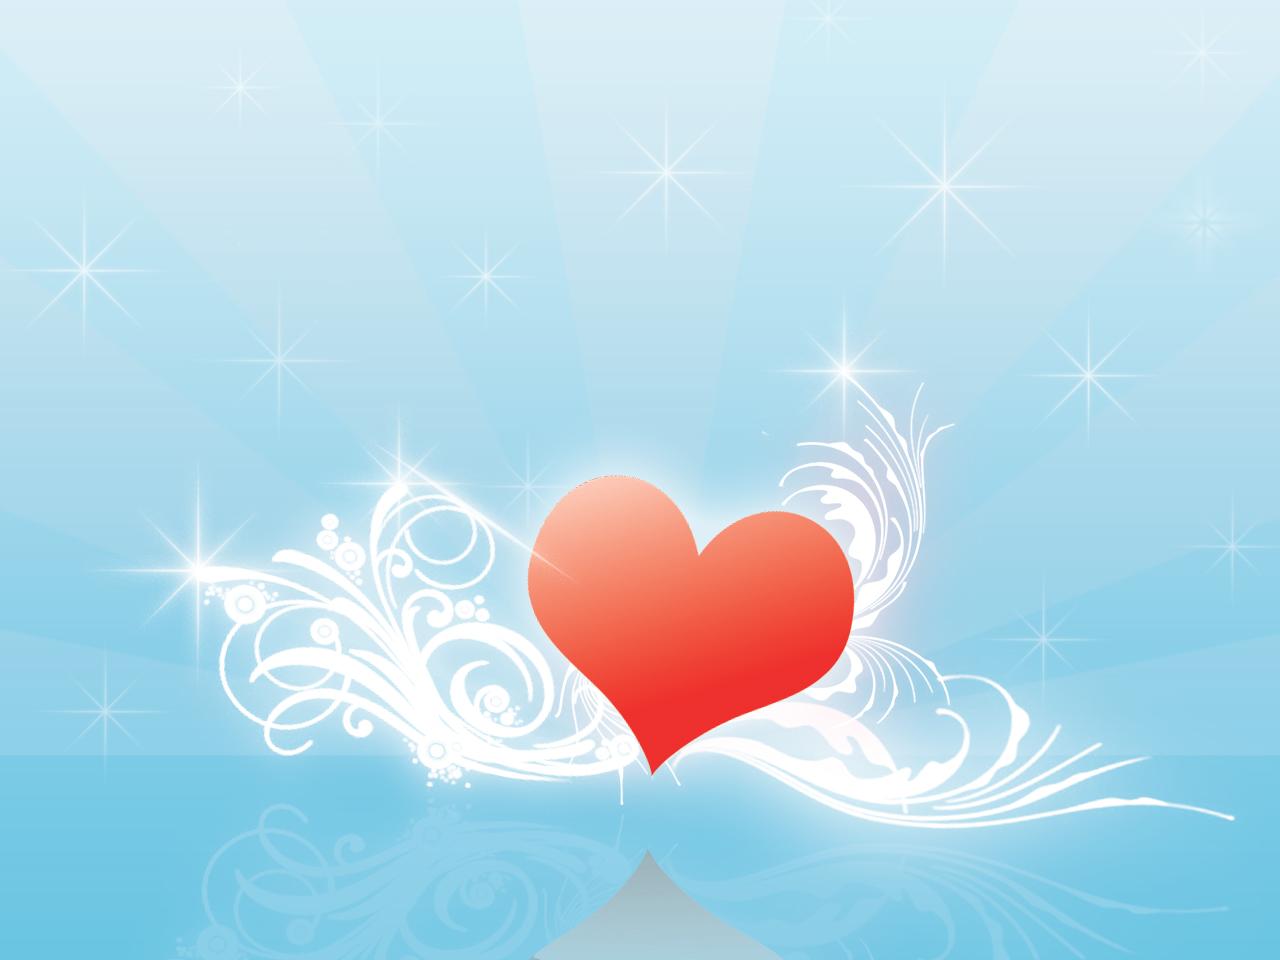 сердце на голубом фоне, скачать фото, обои для рабочего стола